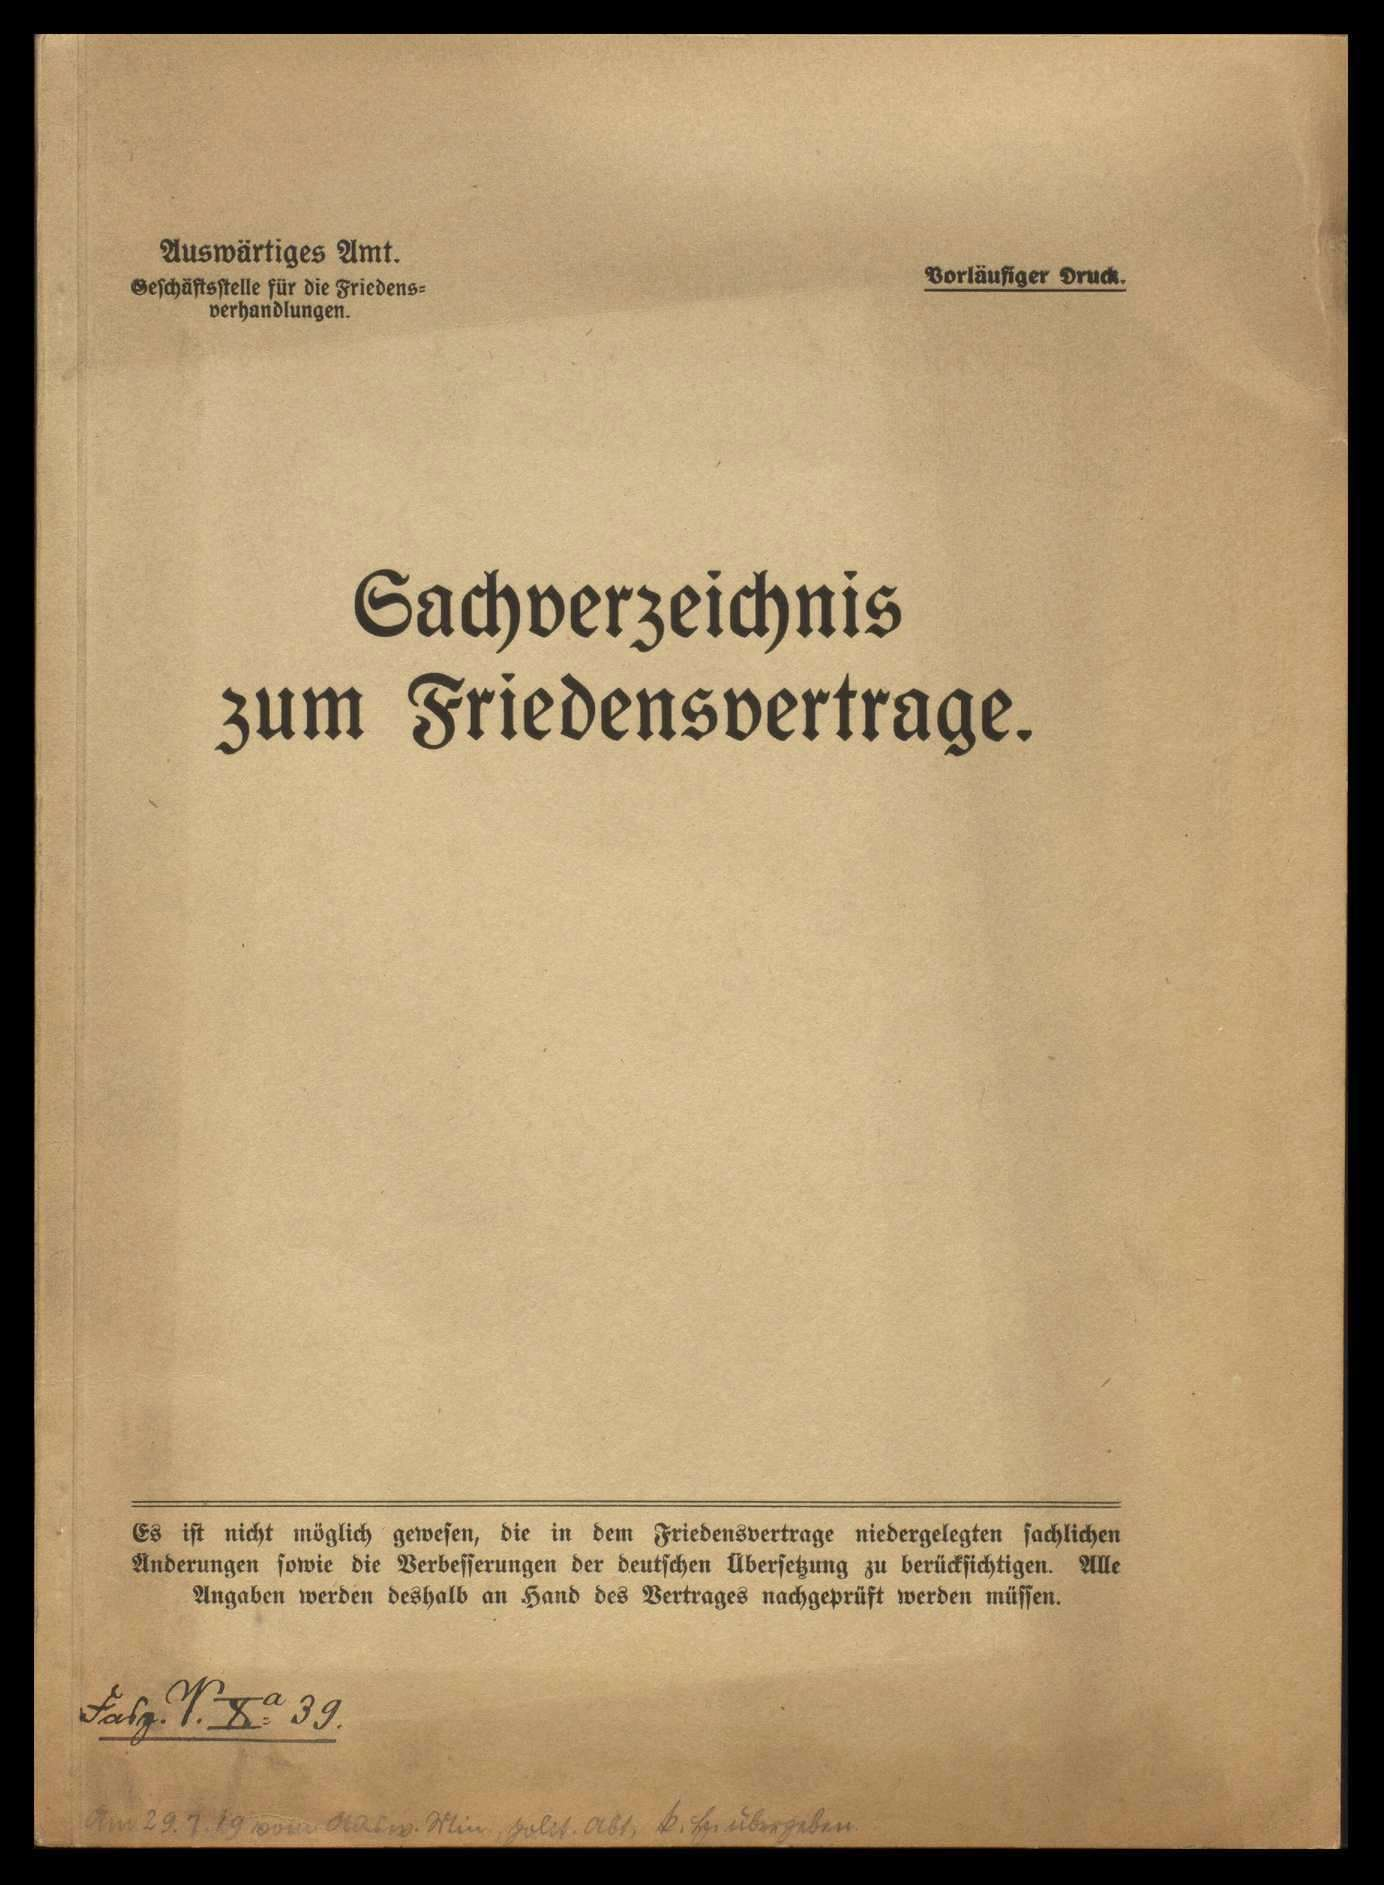 Materialien betr. die Friedensverhandlungen, Teil I - V, und Sachverzeichnis zum Friedensvertrag, Bild 1